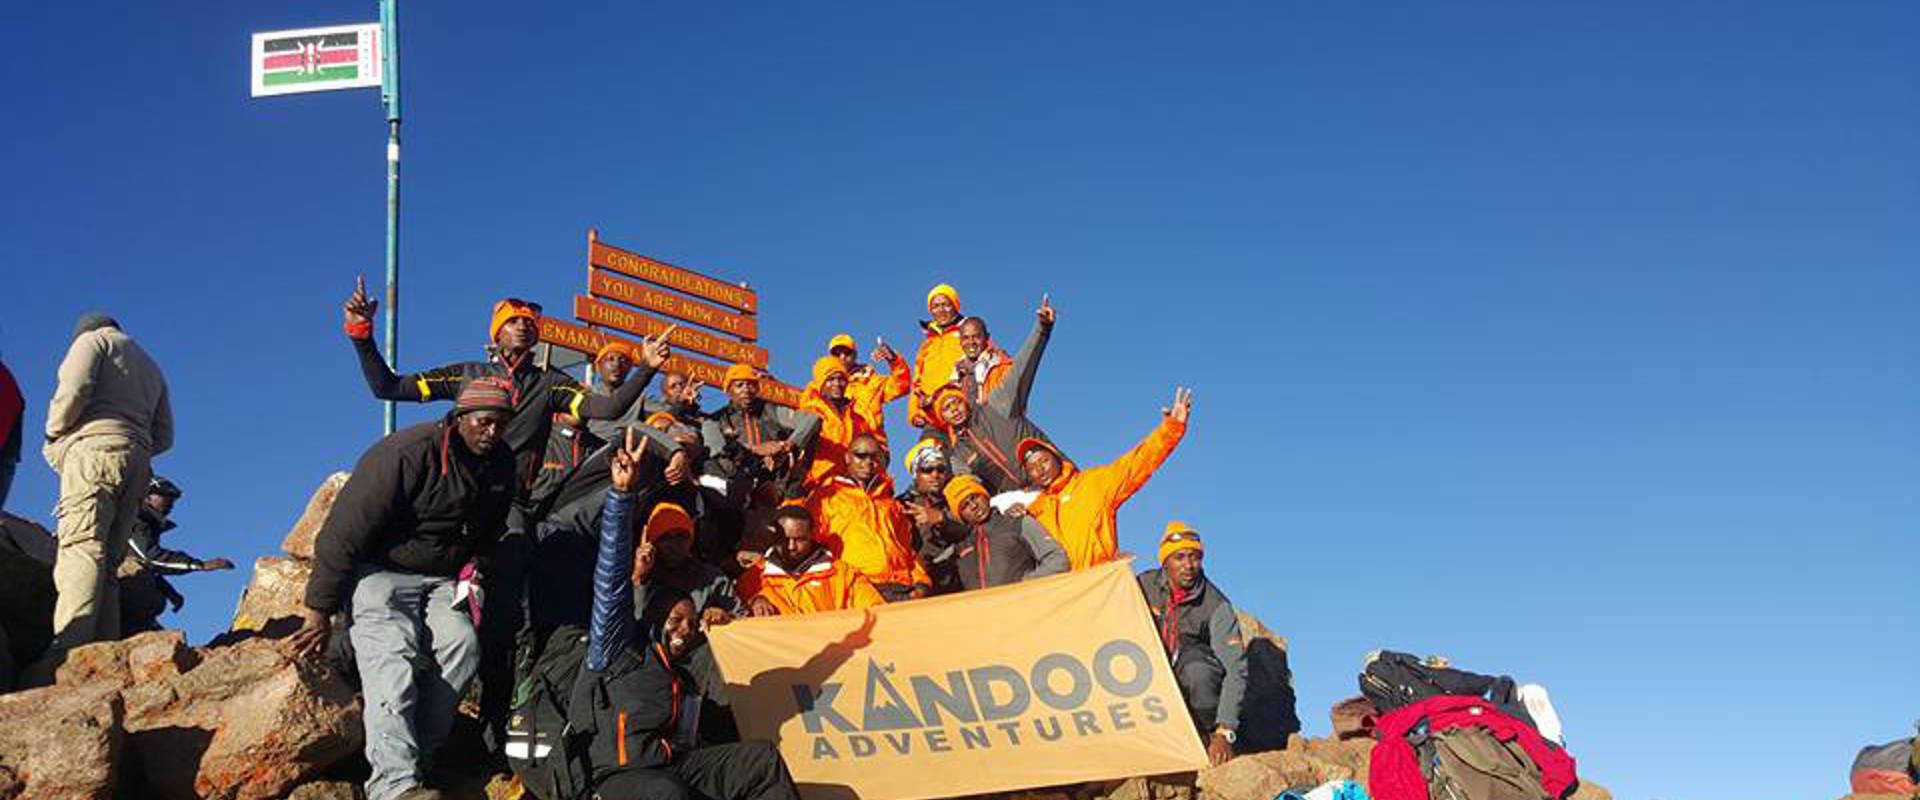 Kandoo partnership program in Mount Kenya